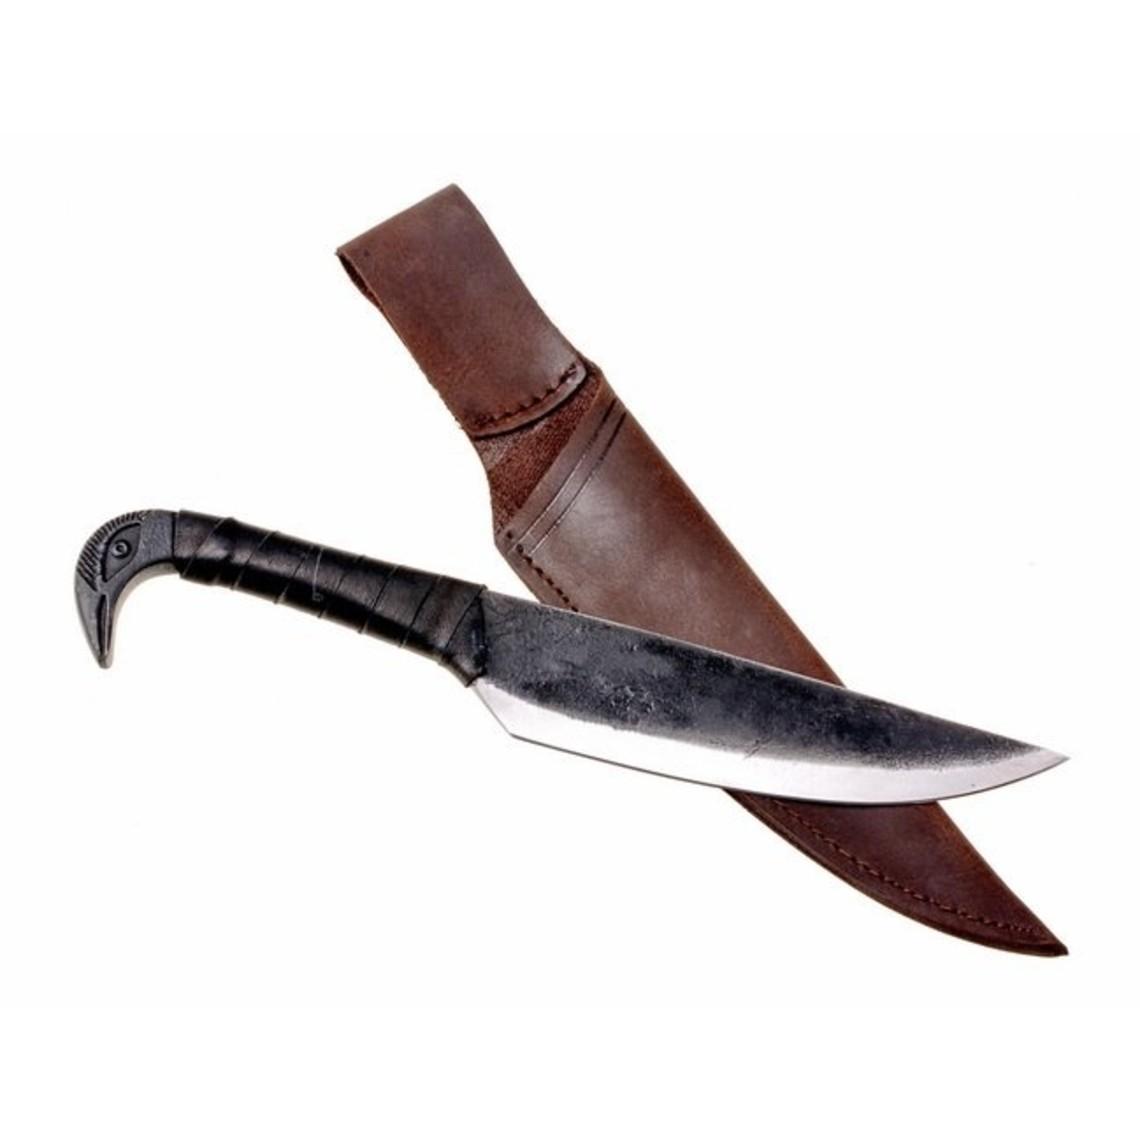 Keltisch mes met vogelmotief